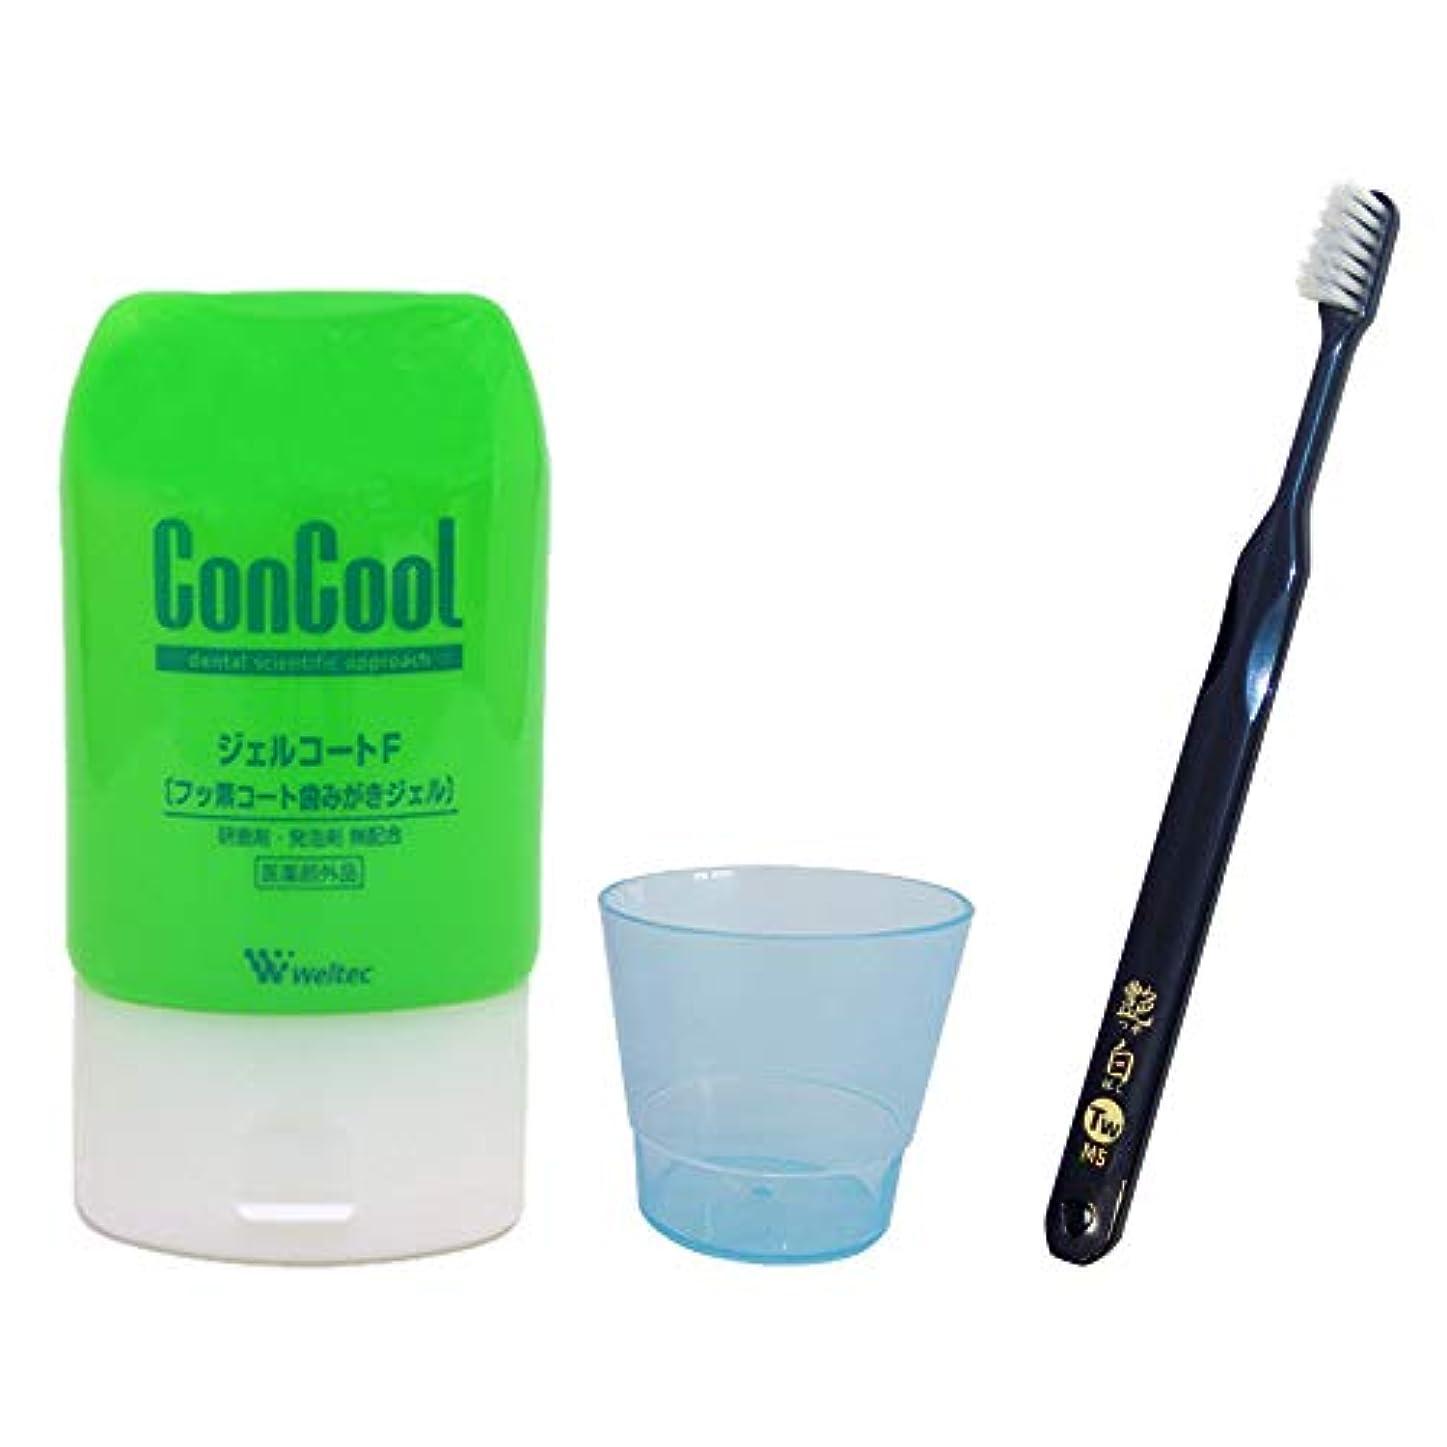 因子はがき禁止するコンクール ジェルコートF ×1個 + ライオン オリジナル コップ ×1個 + 艶白(つやはく) 二段植毛 歯ブラシ(日本製) × 1本 歯科専売品